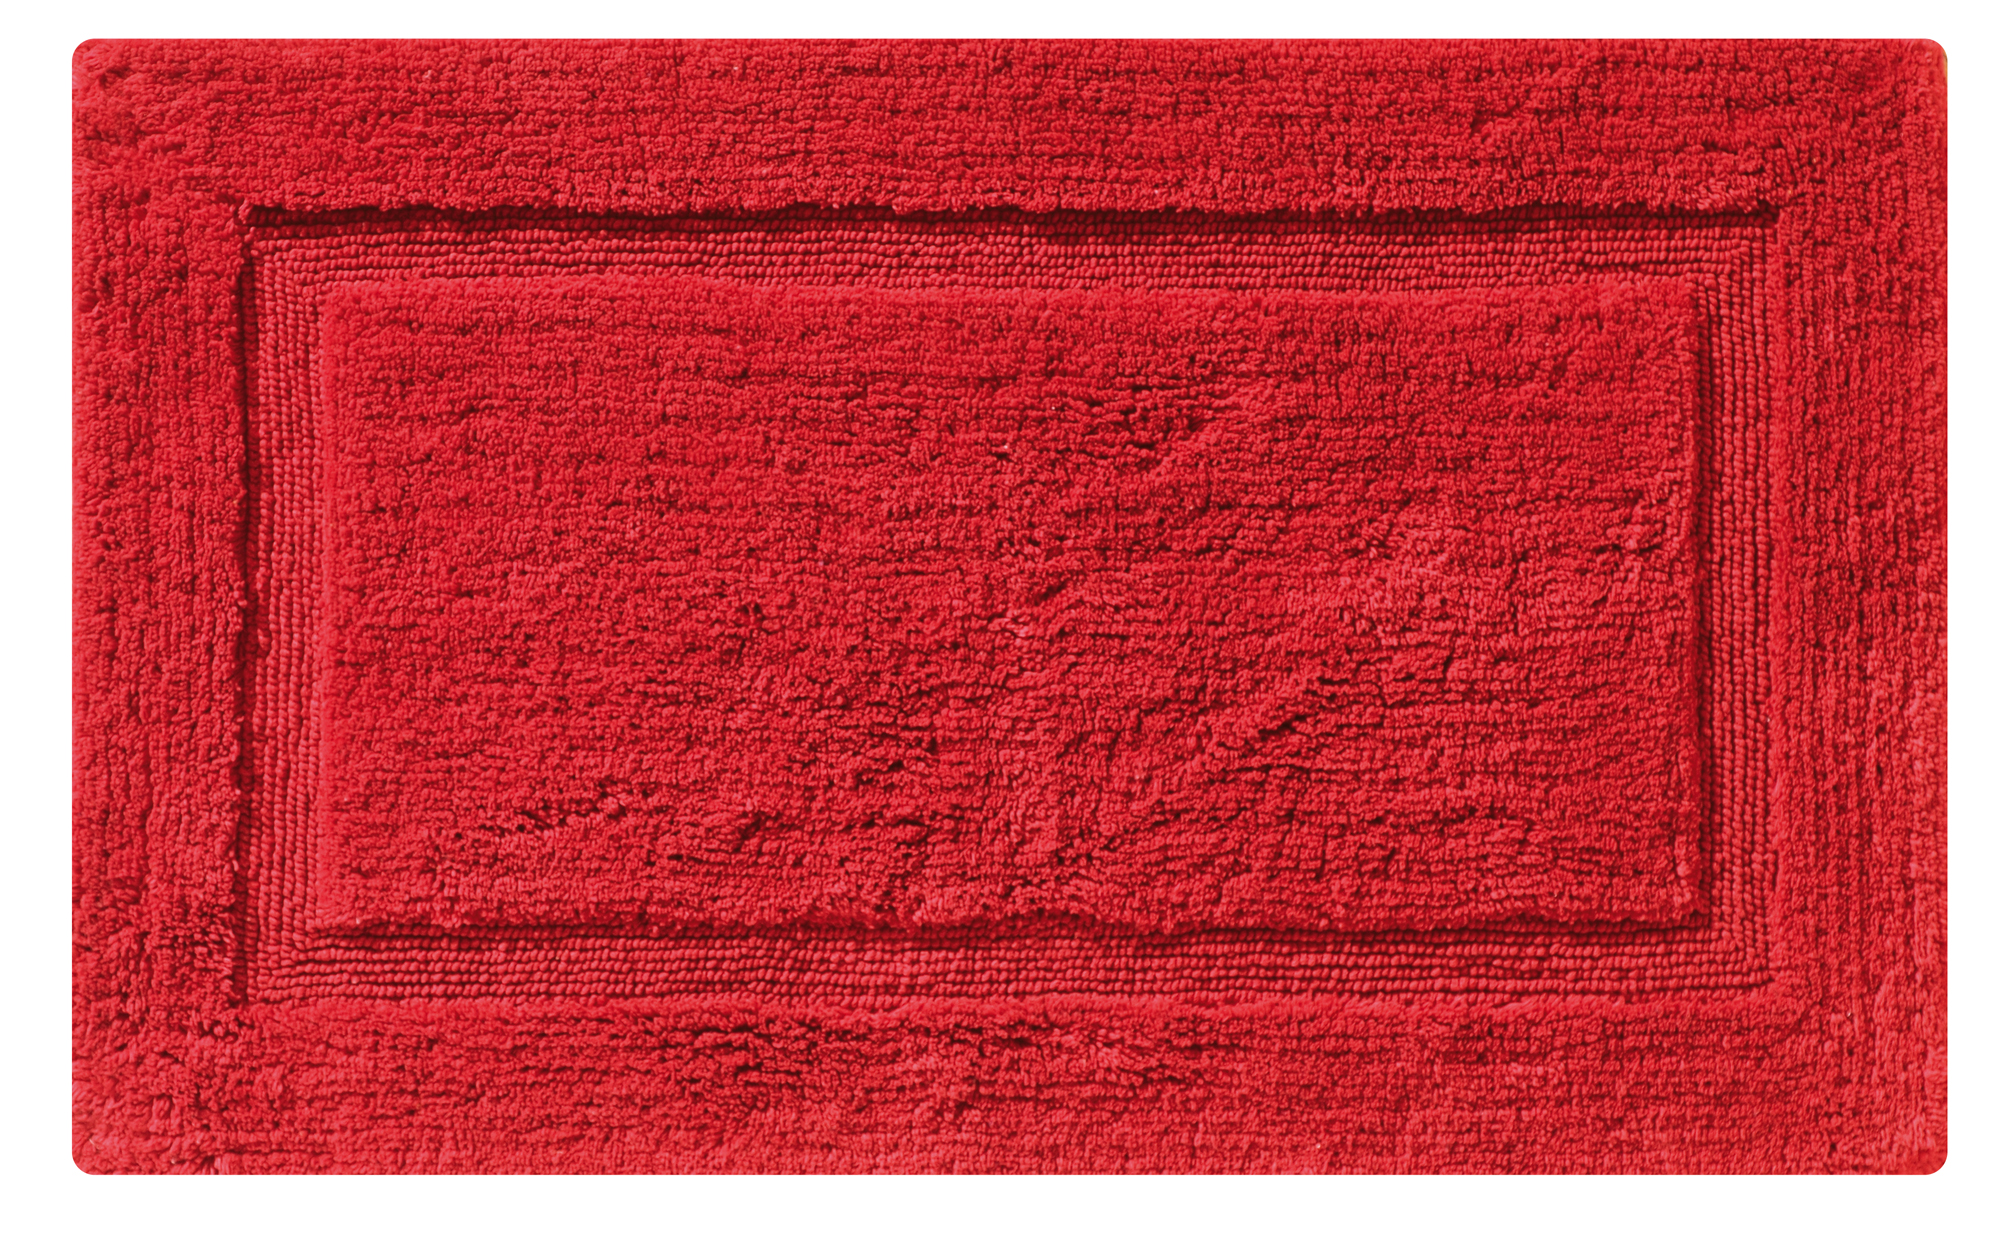 ΤΑΠΕΤΟ ΜΠΑΝΙΟΥ ΒΑΜΒ.50Χ80 BORDER ΚΟΚΚΙΝΟ